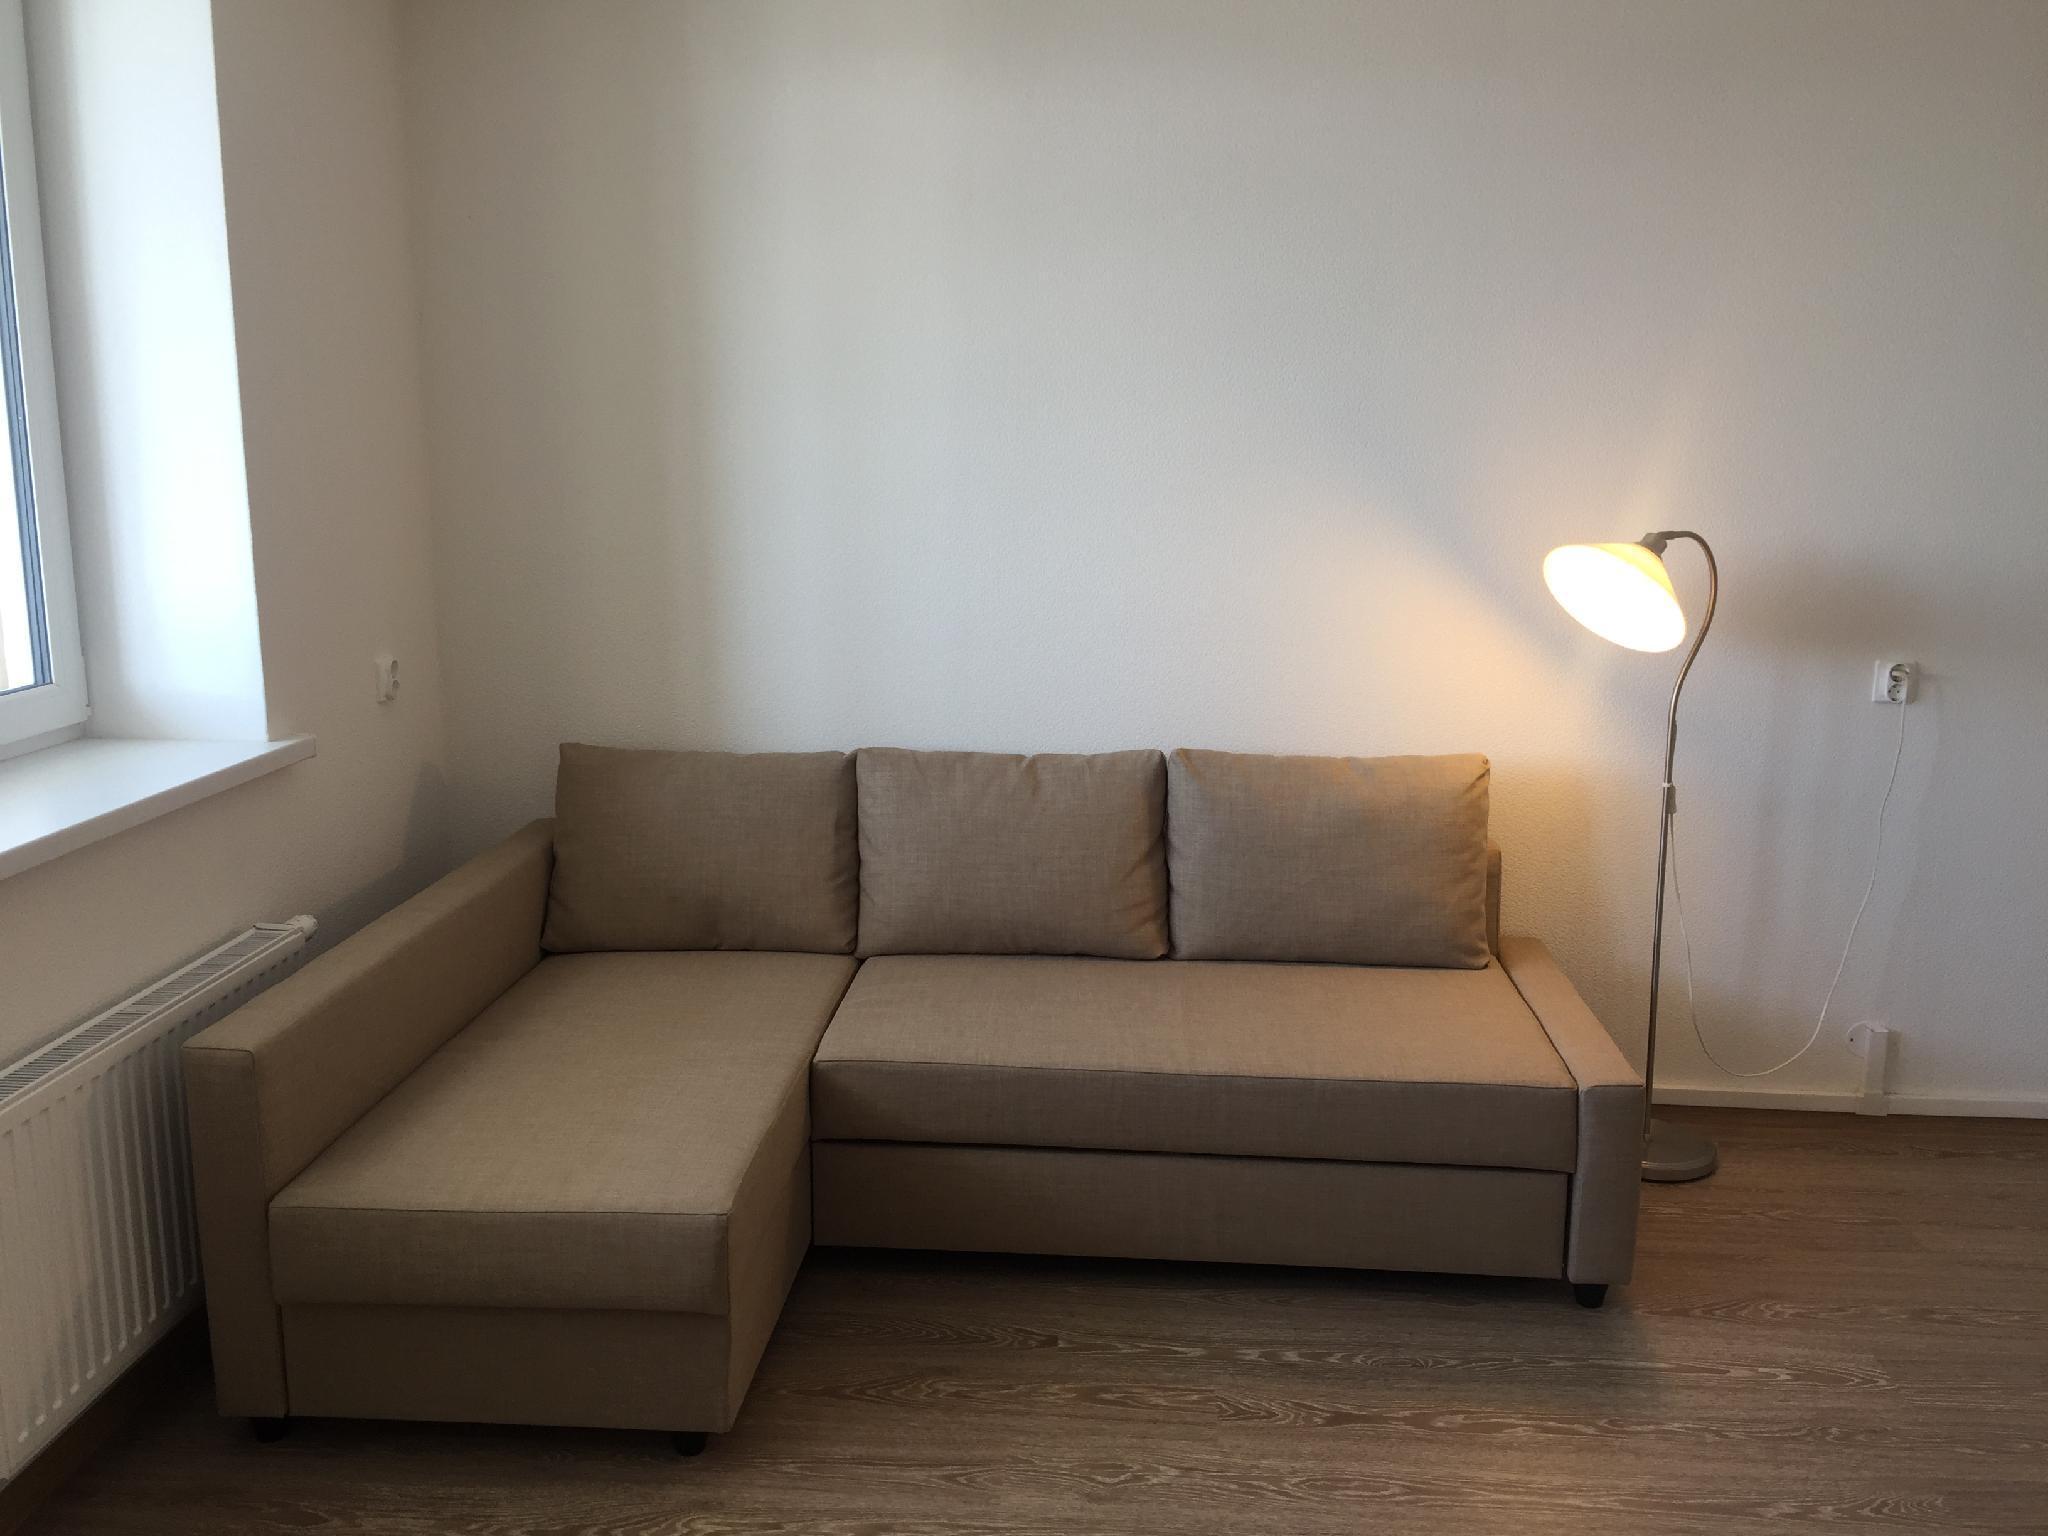 Studio Apartment For FIFA 2018